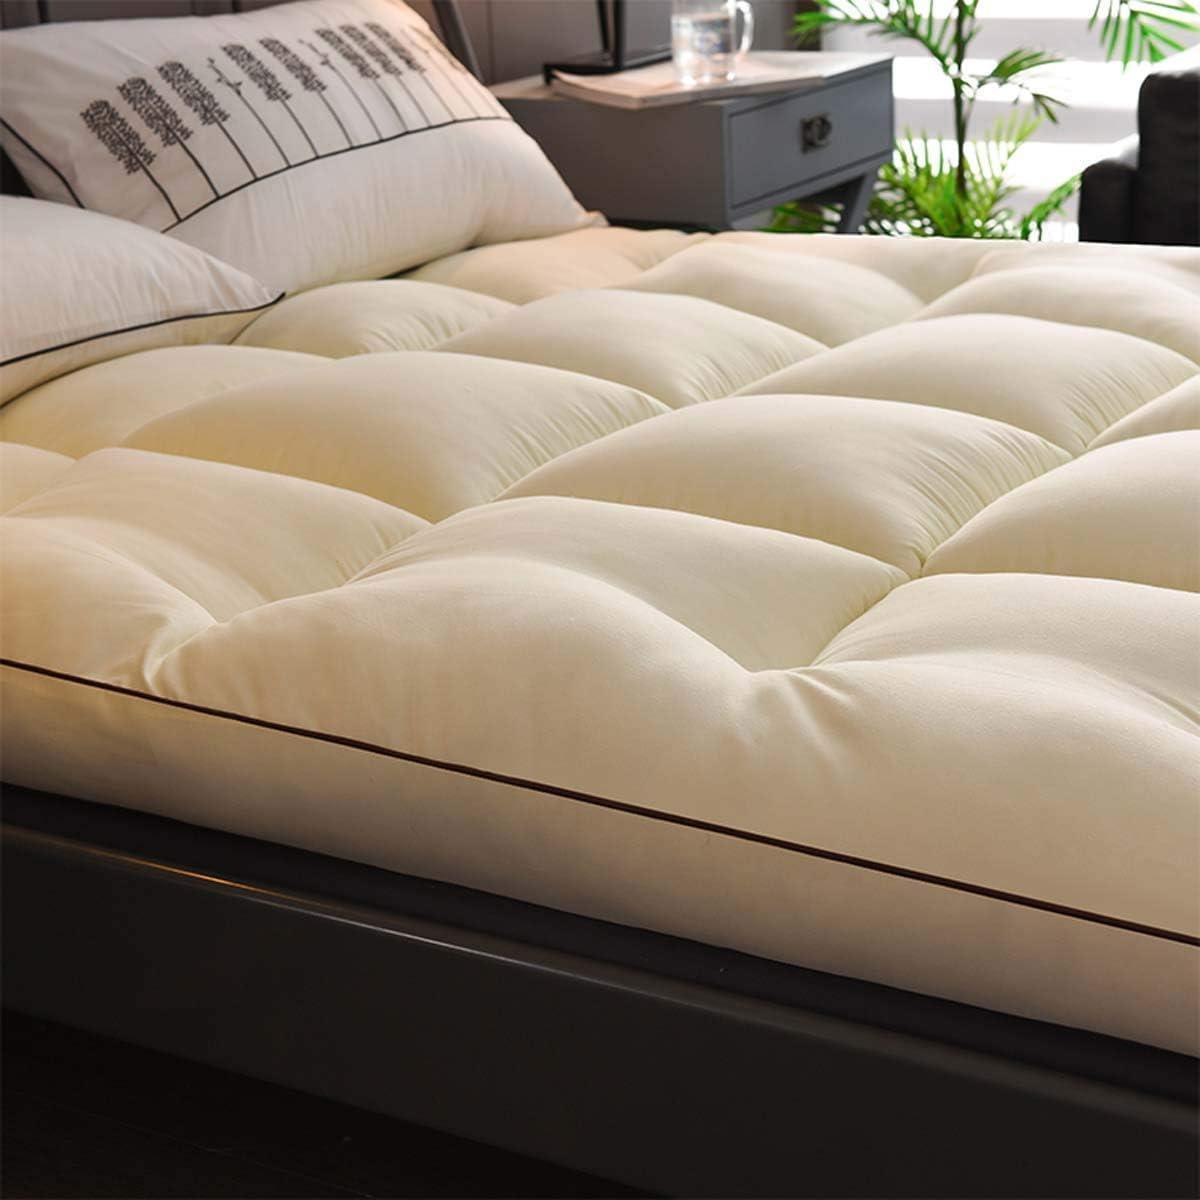 9 Braun verdickte Tatami-Matte Schlafpolster Faltbare Rollmatratze Jungen M/ädchen Schlafsaal-Matratzenauflage Kinderbodenliege Bett Sofas und Sofas GuoEY Japanische Bodenmatratze Futon-Matratze